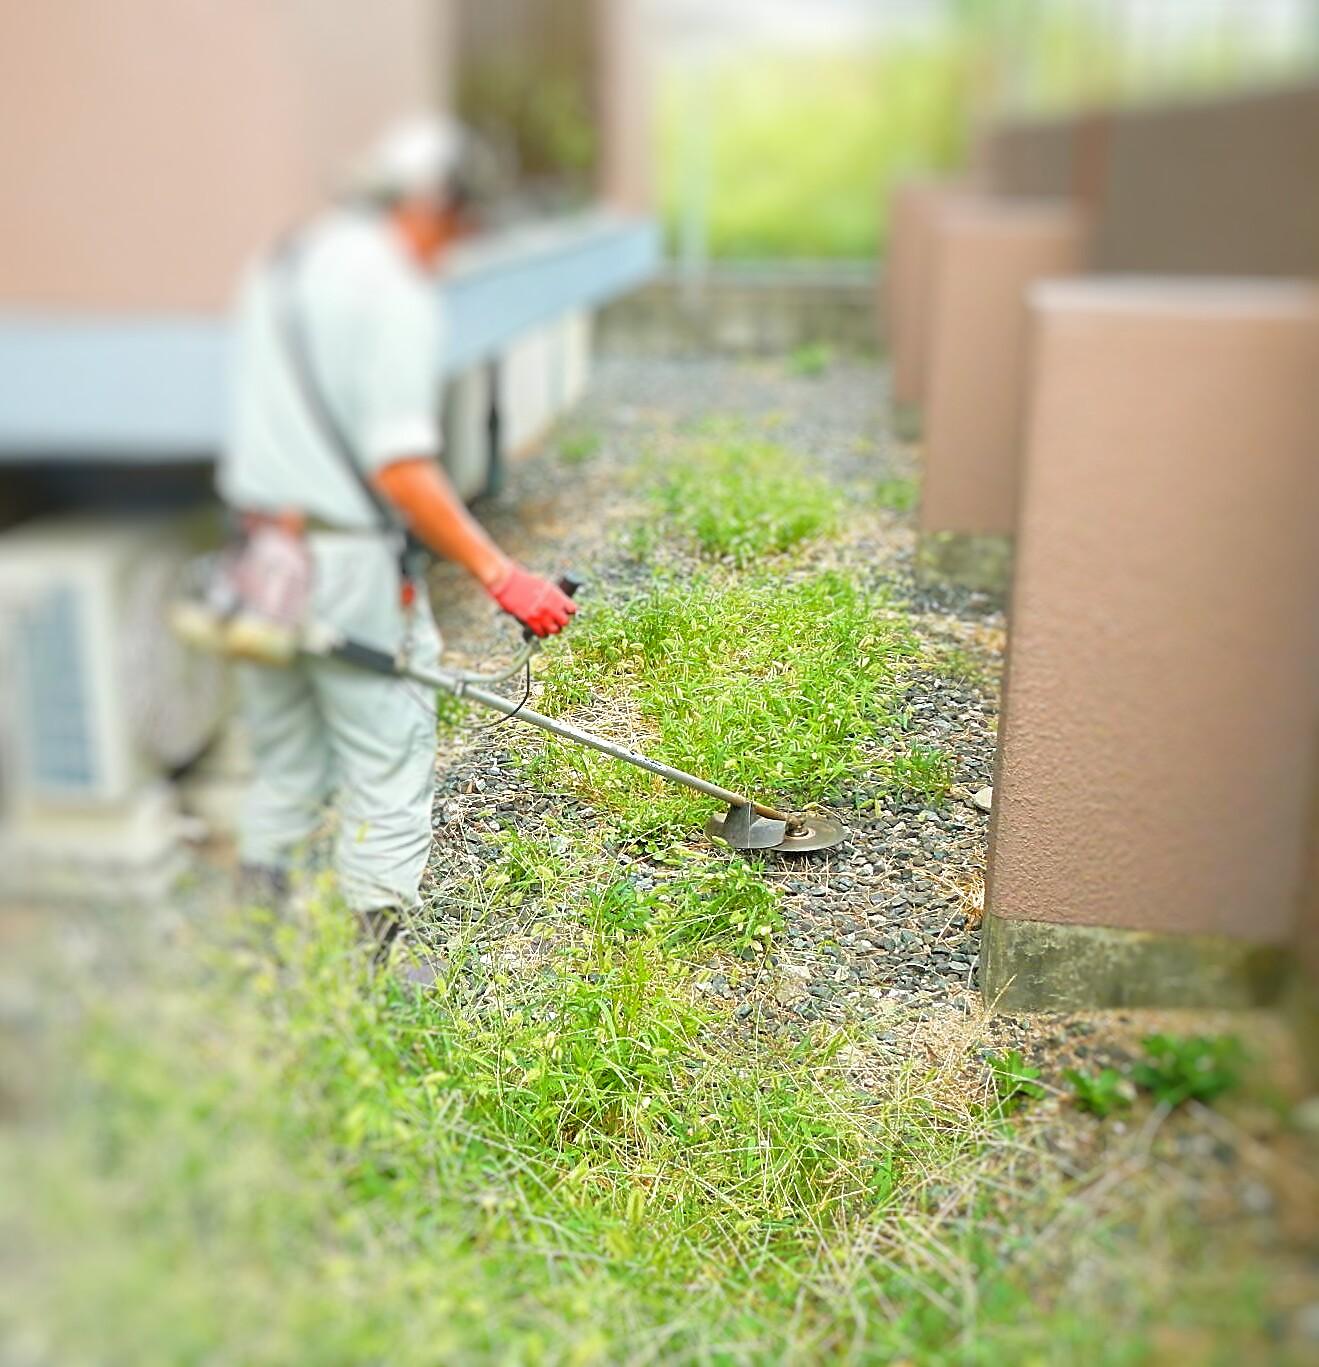 機械刈り 除草中